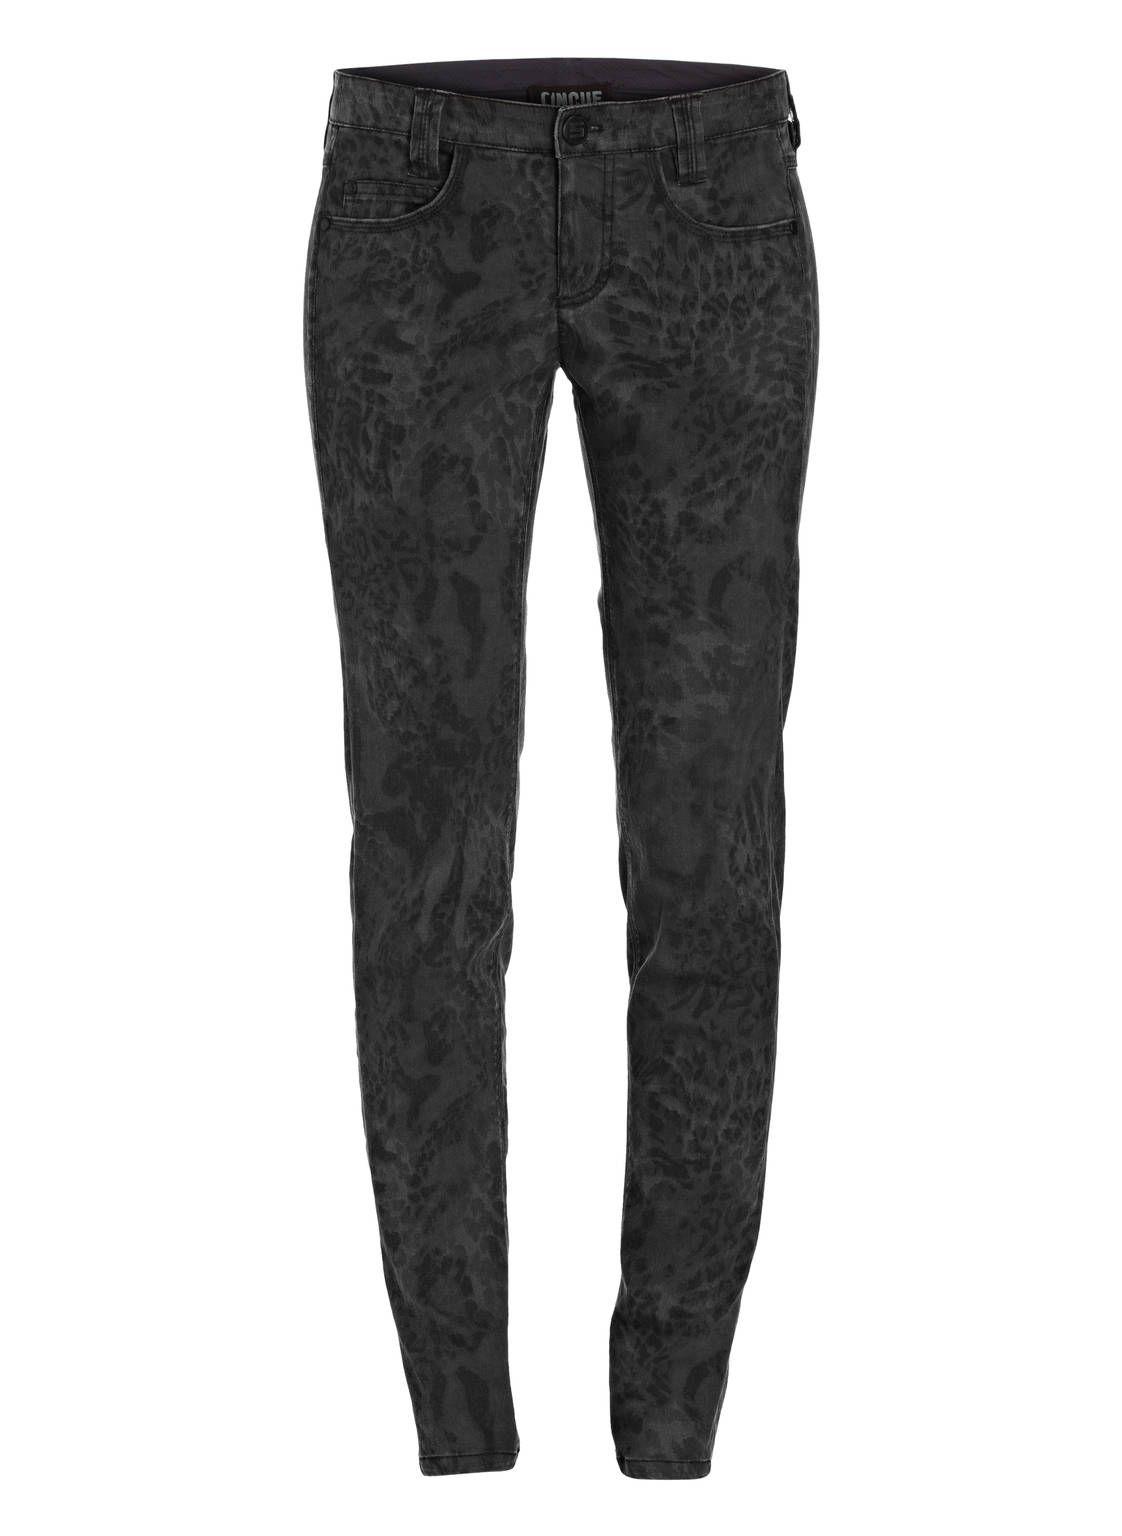 CINQUE Jeans CISIENNA bei Breuninger kaufen